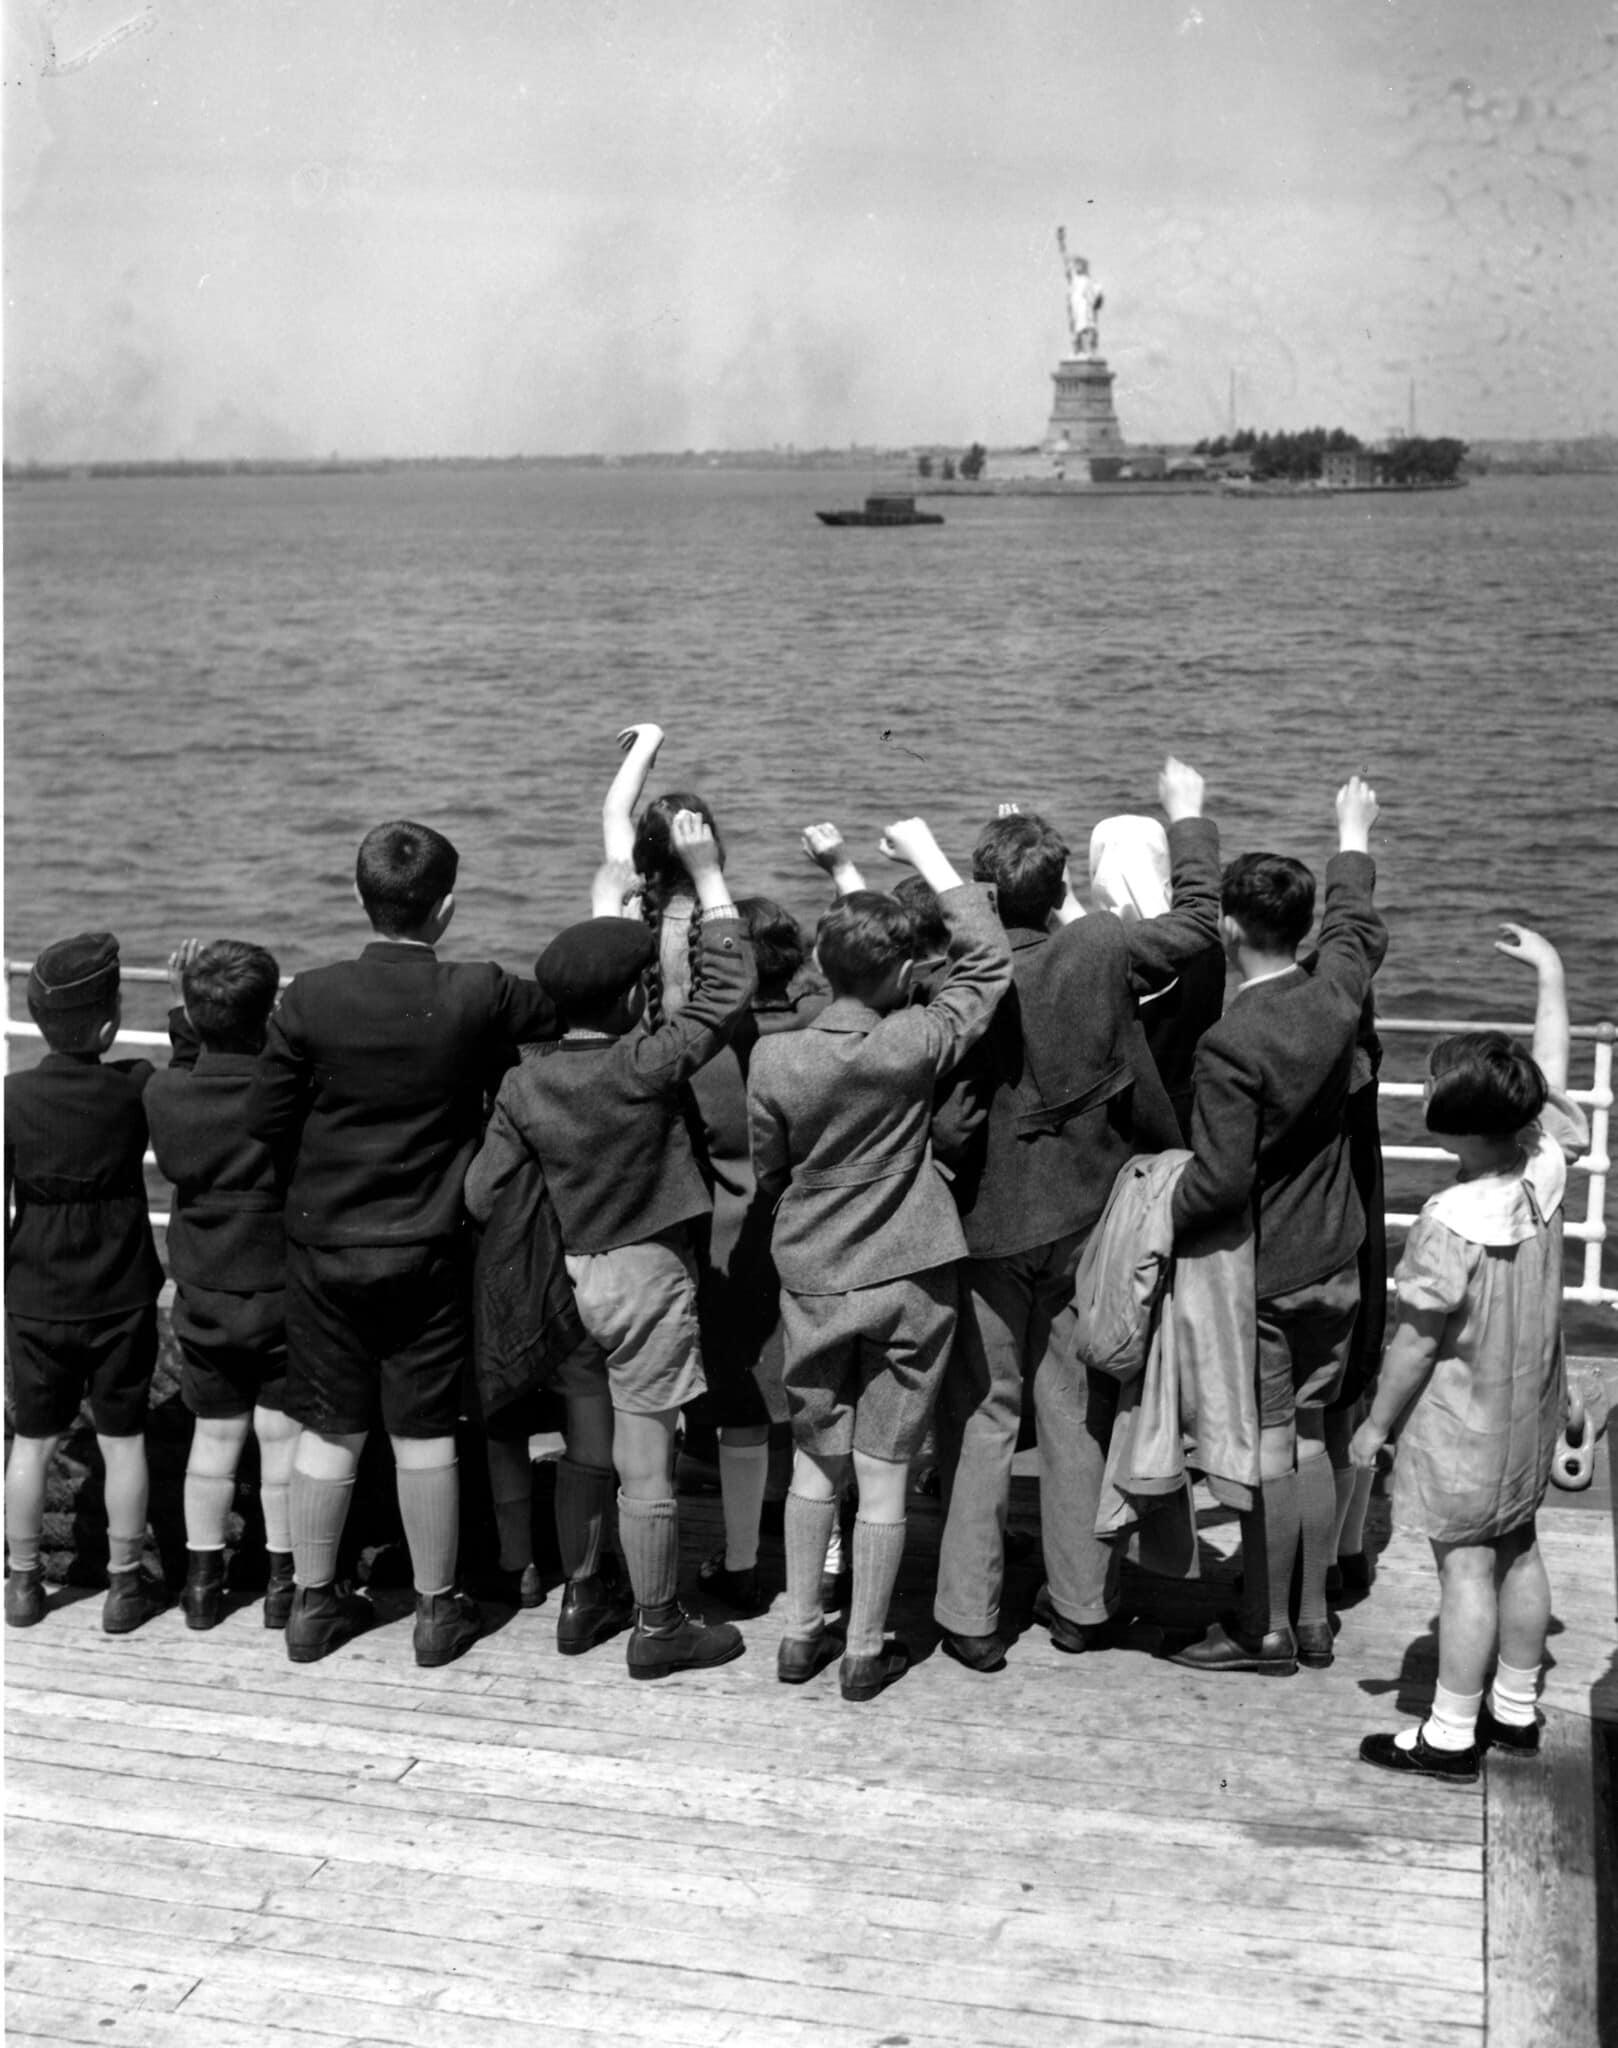 אילוסרציה, חמישים ילדי פליטים יהודים, בין הגילאים 5 עד 1, מגיעים לניו יורק מהמבורג, גרמניה, באניית הנשיא הרדינג ביוני 1939 (צילום: AP)